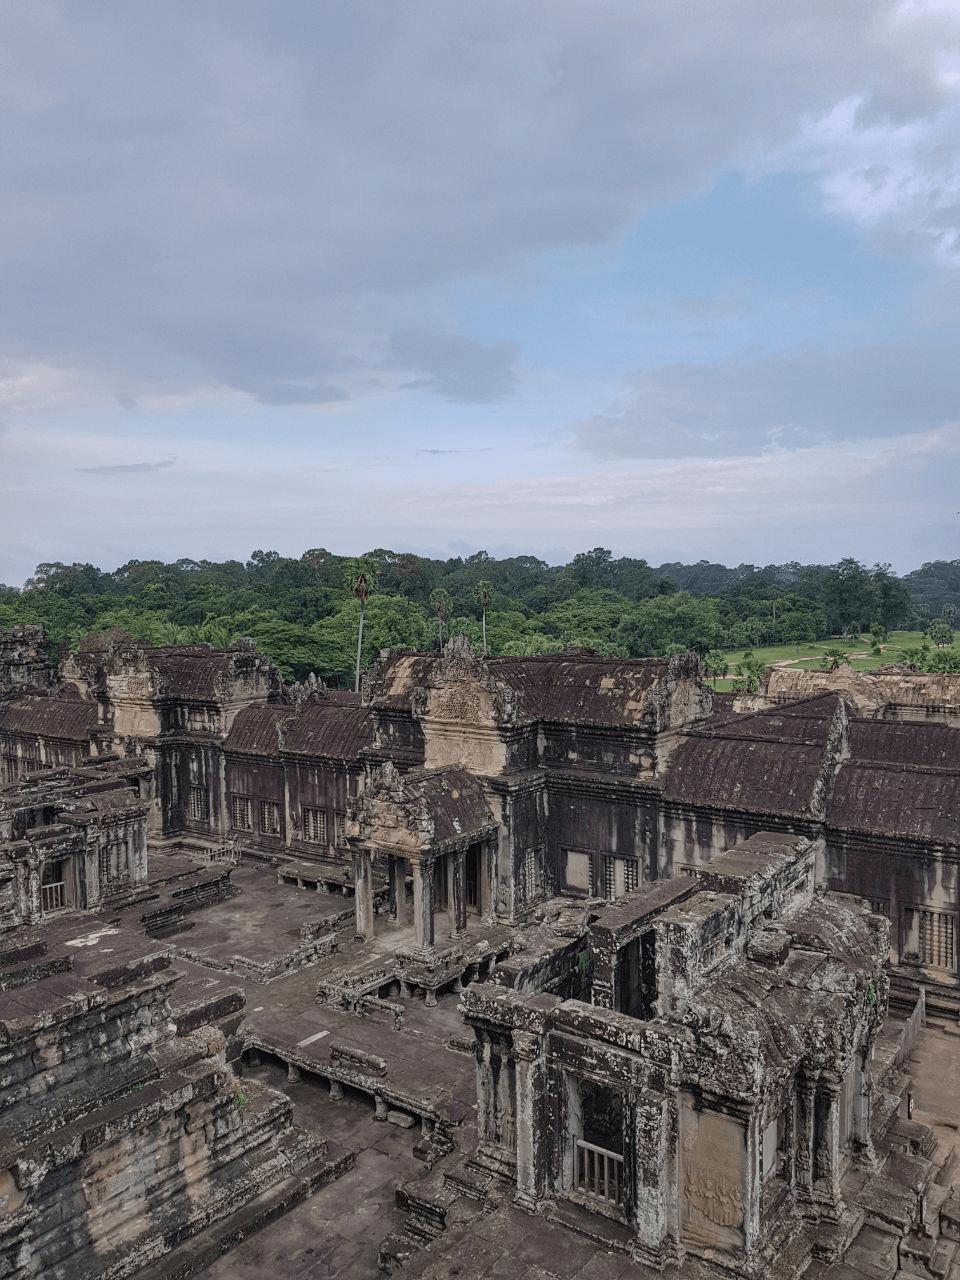 مهدی پارسا عکس از سفر گردشگری مستقل به کشور کامبوج ۹۷ - Mehdi Parsa Cambodia trip 2018